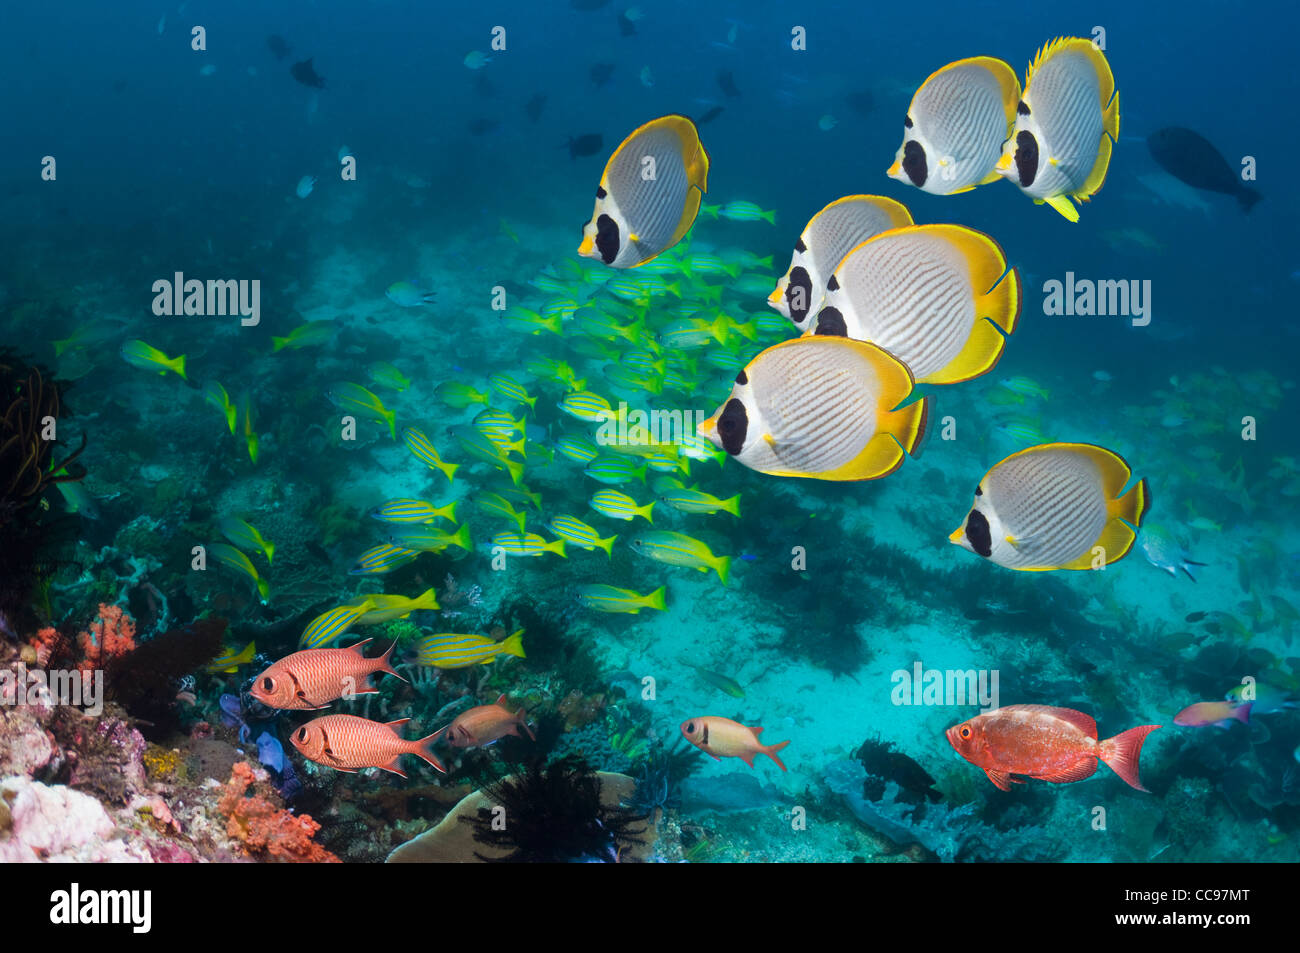 Papillons (Chaetodon adiergastos Panda) nager sur les récifs coralliens avec les vivaneaux et soldierfish. Photo Stock